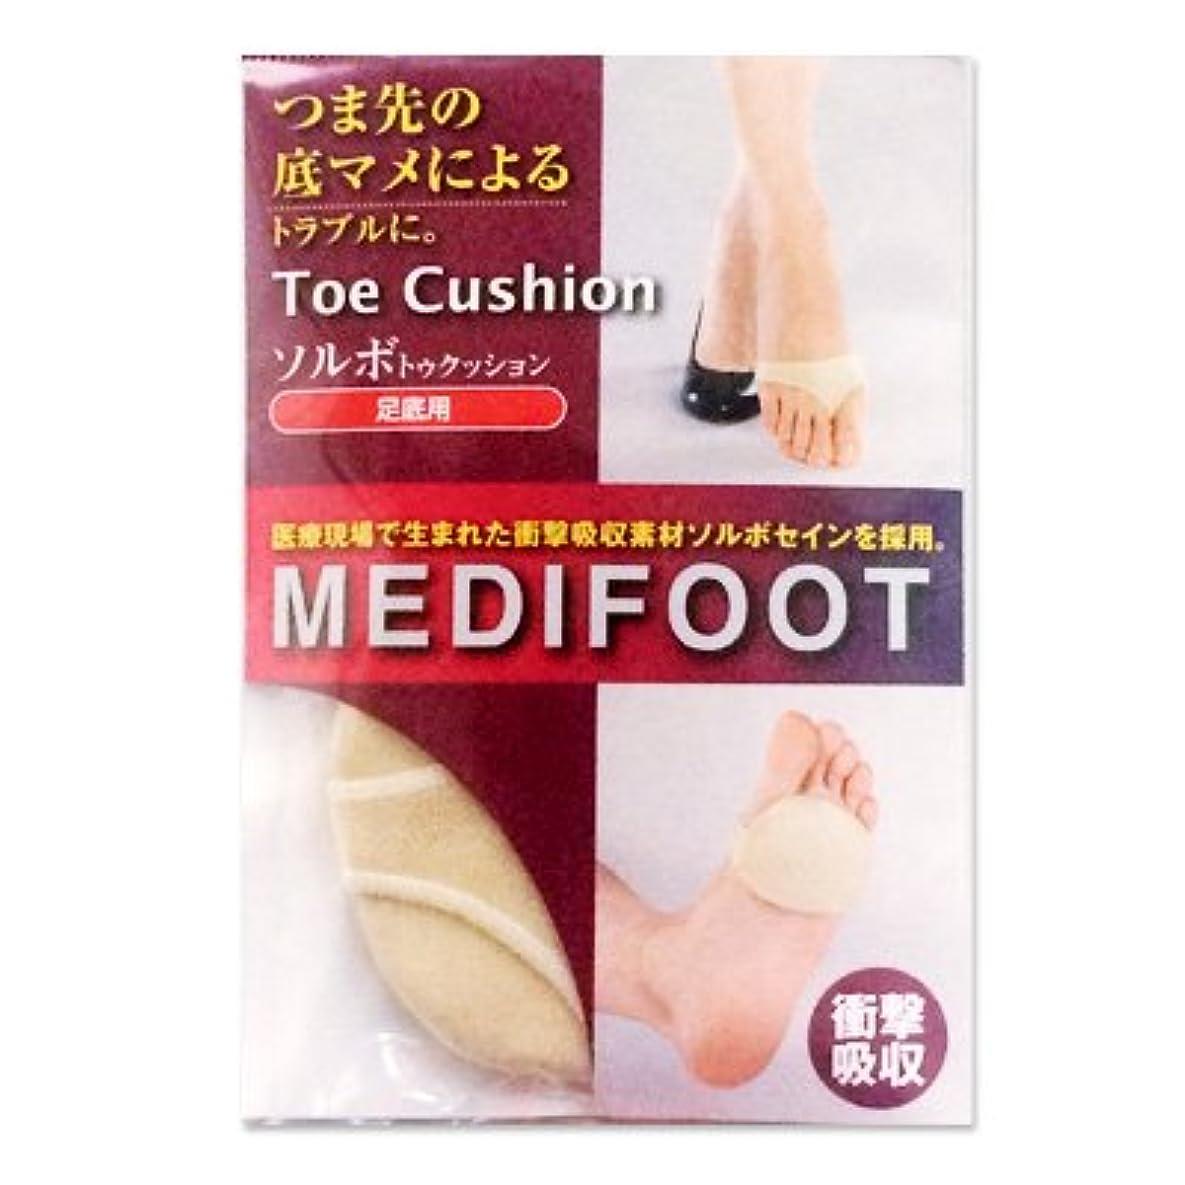 ほのめかす空洞スプリットソルボ トゥクッション 足底用[女性フリーサイズ(22-25cm)]63003